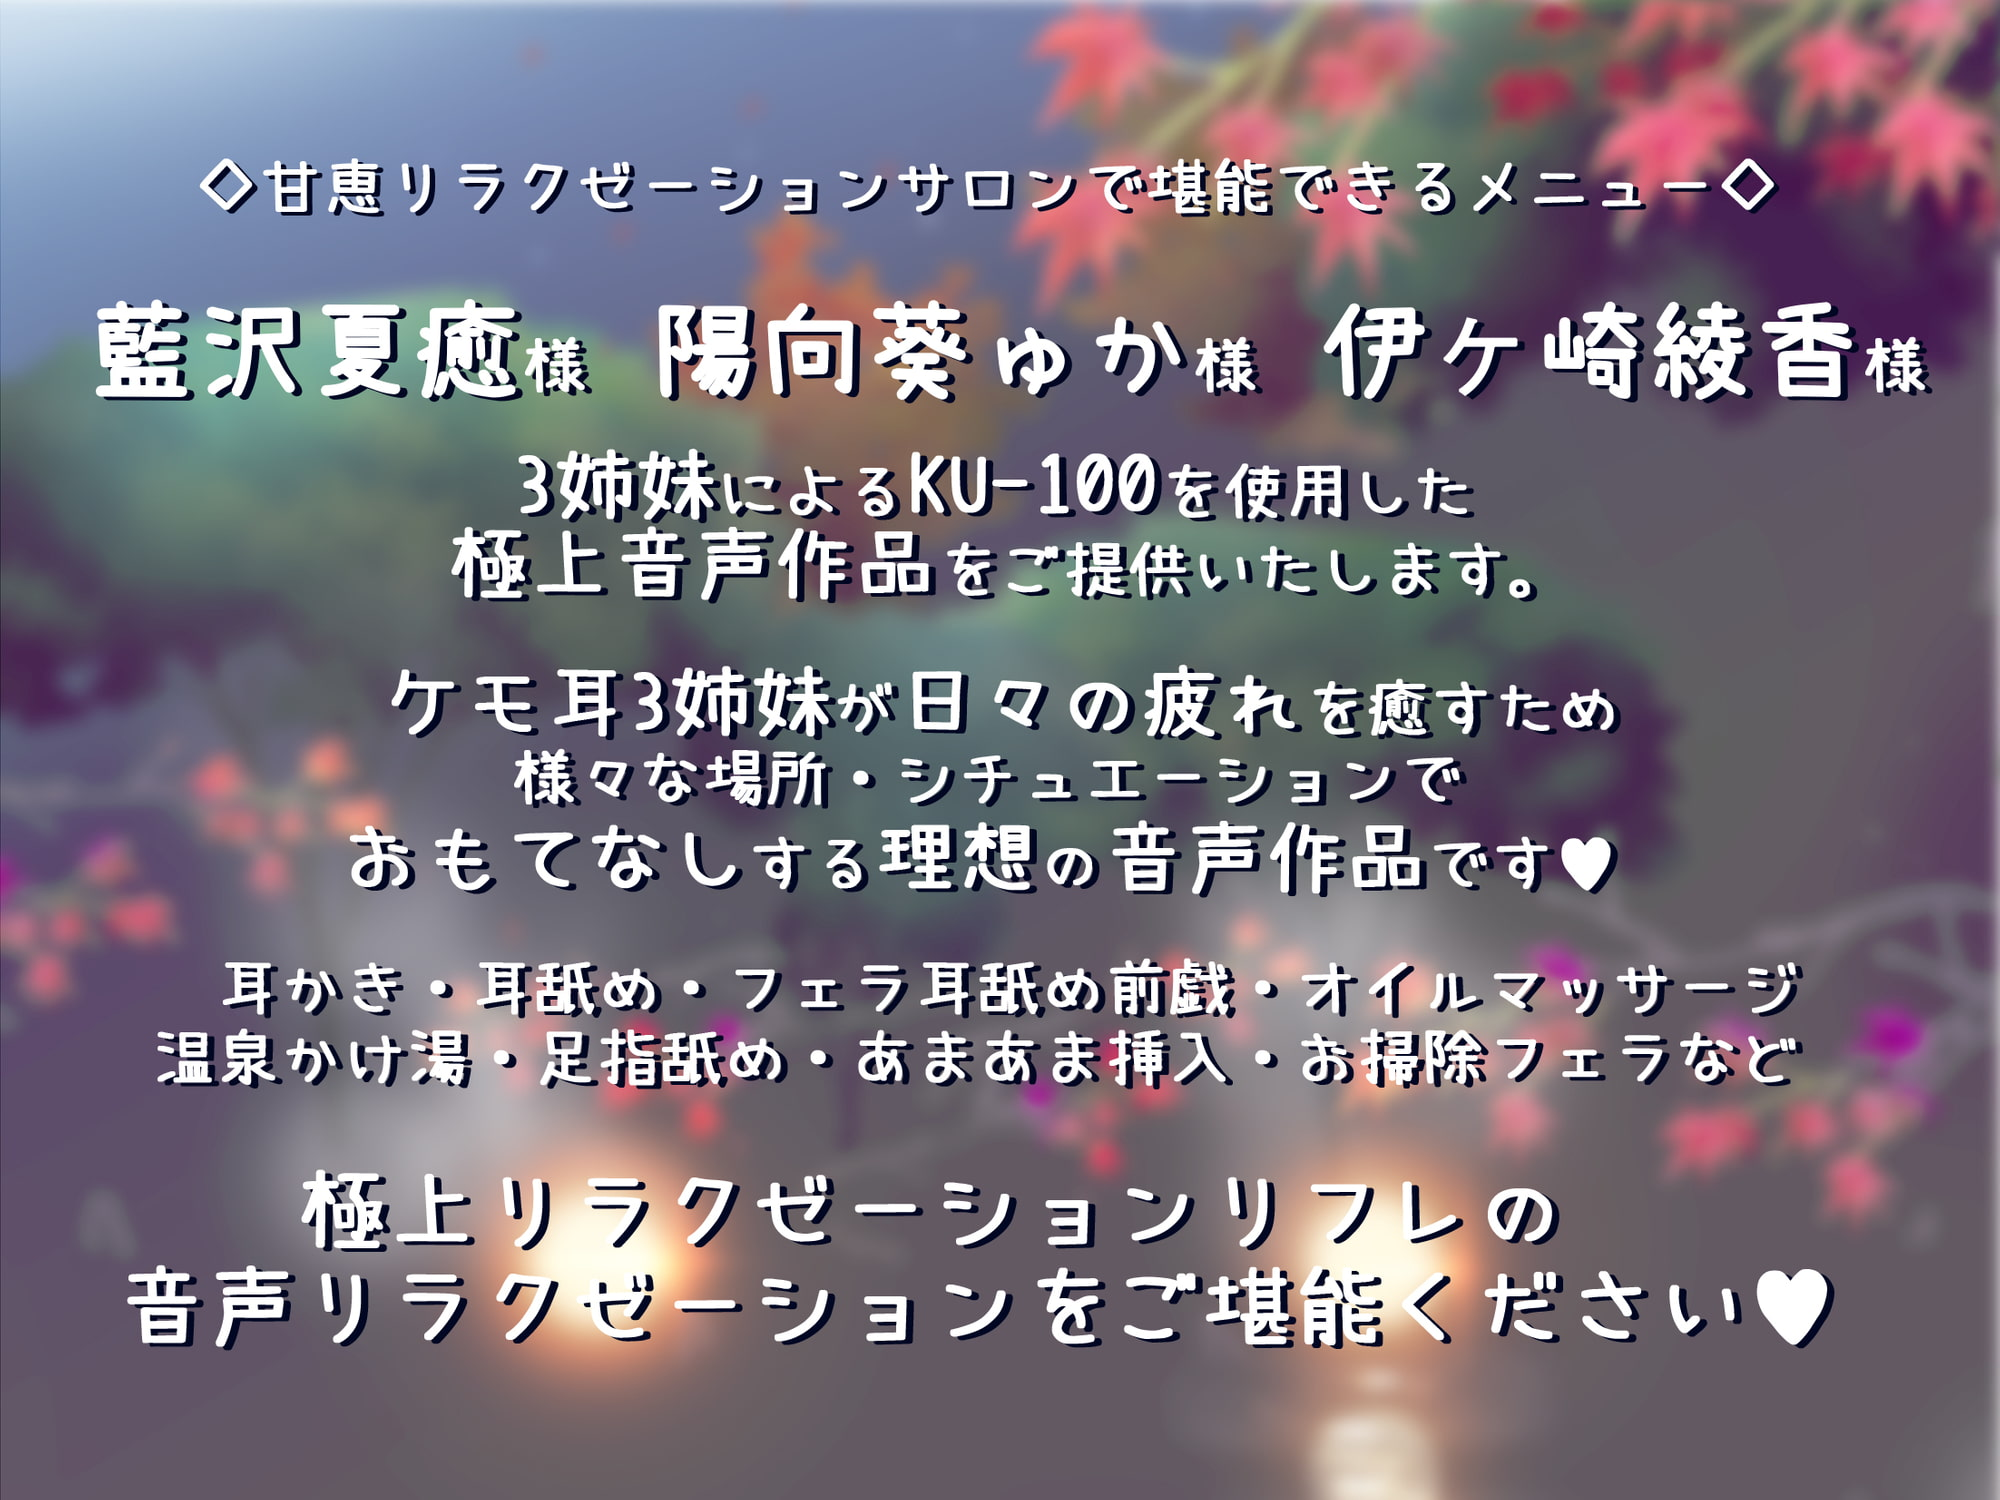 RJ326618 ケモ耳座敷童3姉妹秘湯温泉でおもてなし [20210603]